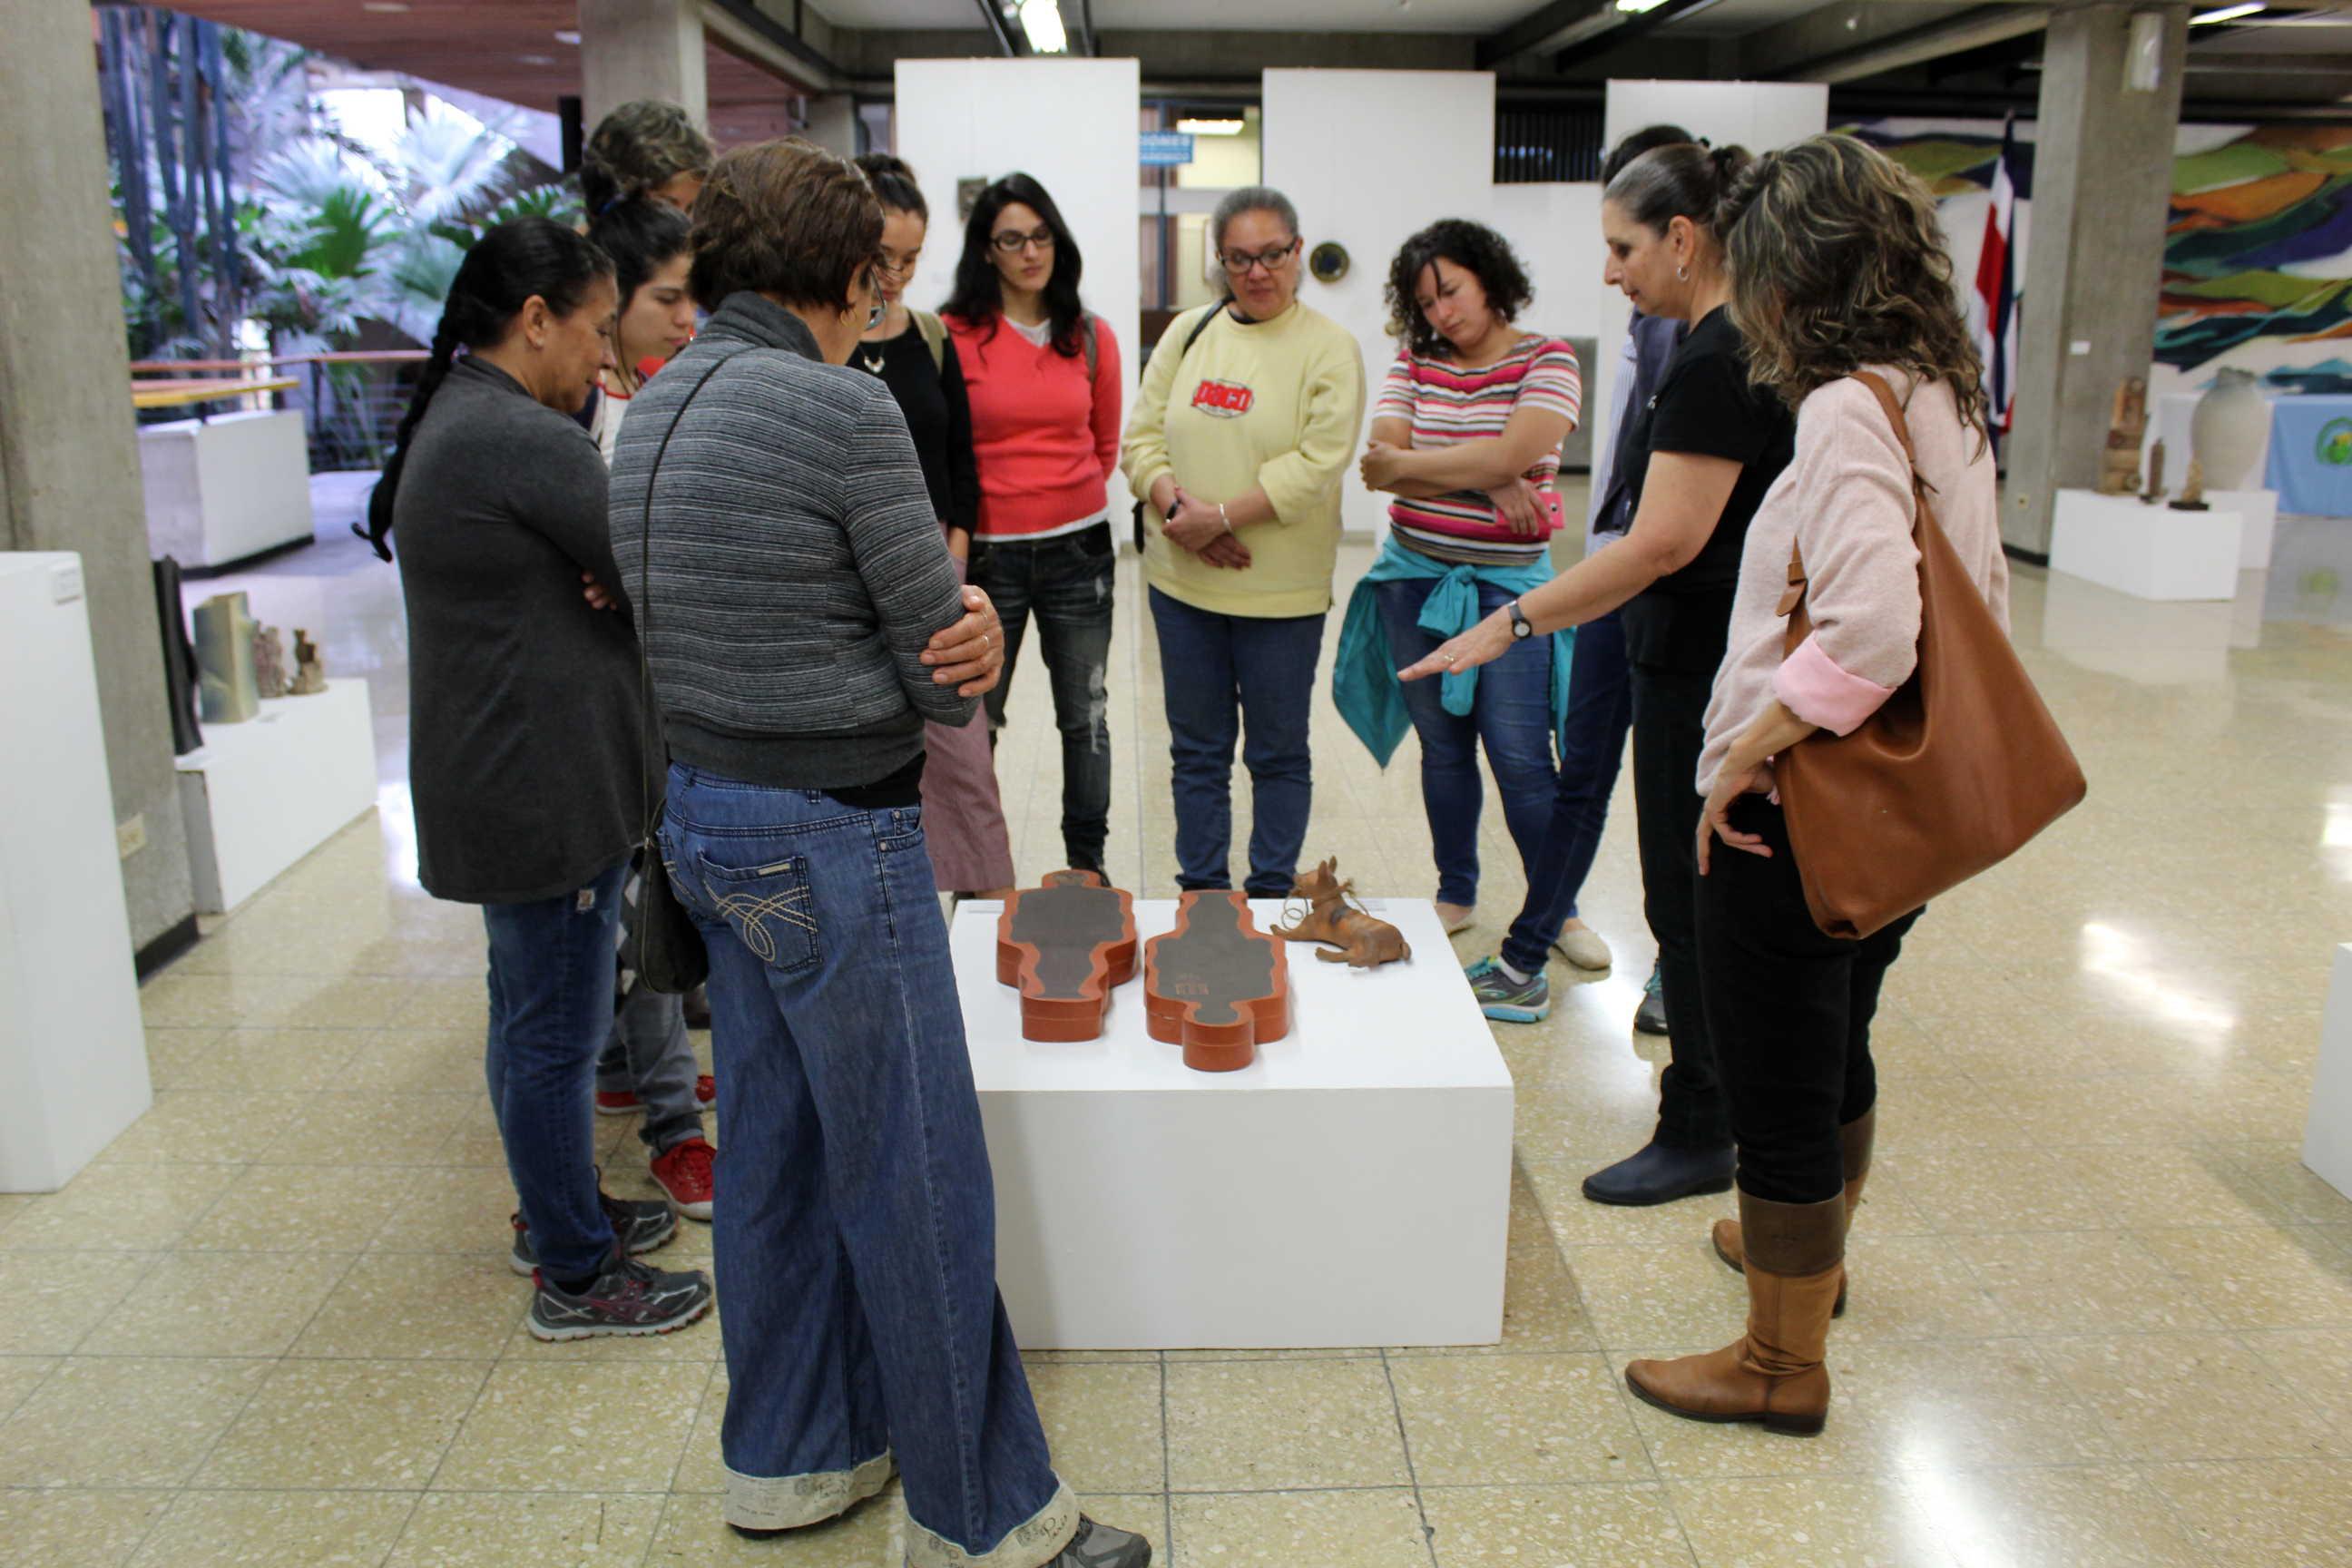 Exposición de cerámica para conmemorar el 120 aniversario de la fundación de la Escuela Nacional de Bellas Artes (1897), hoy Escuela de Artes Plásticas. Fotografía: Adriana Araya.